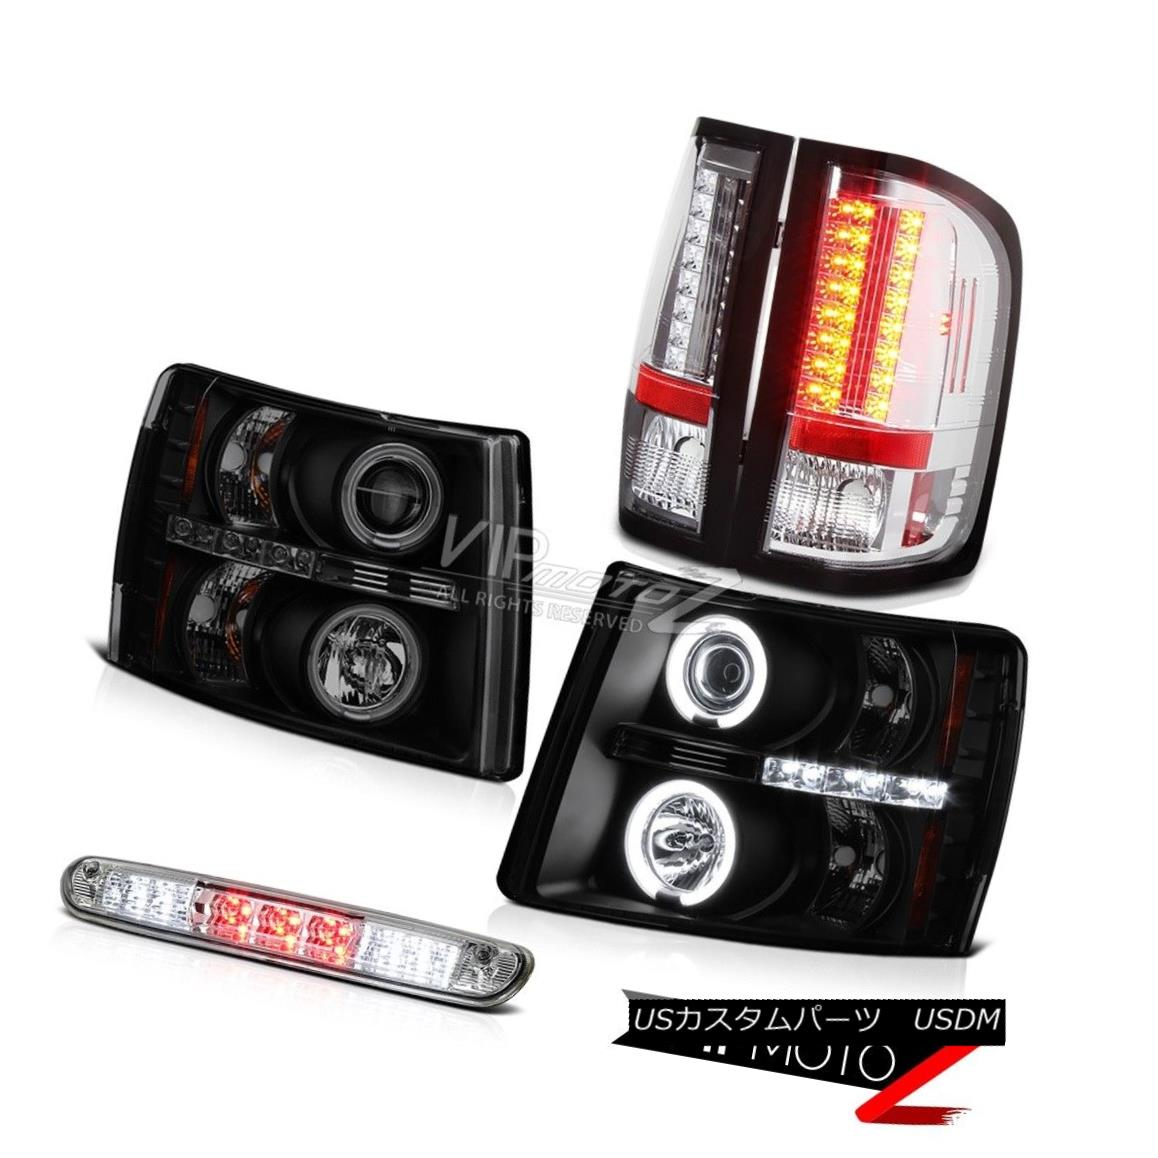 ヘッドライト 07 08 09 10 11 12 13 Silverado Eye Headlamp Chrome Tail Light Roof Stop LED 07 08 09 10 11 12 13シルバラードアイヘッドランプクロムテールライトルーフストップLED